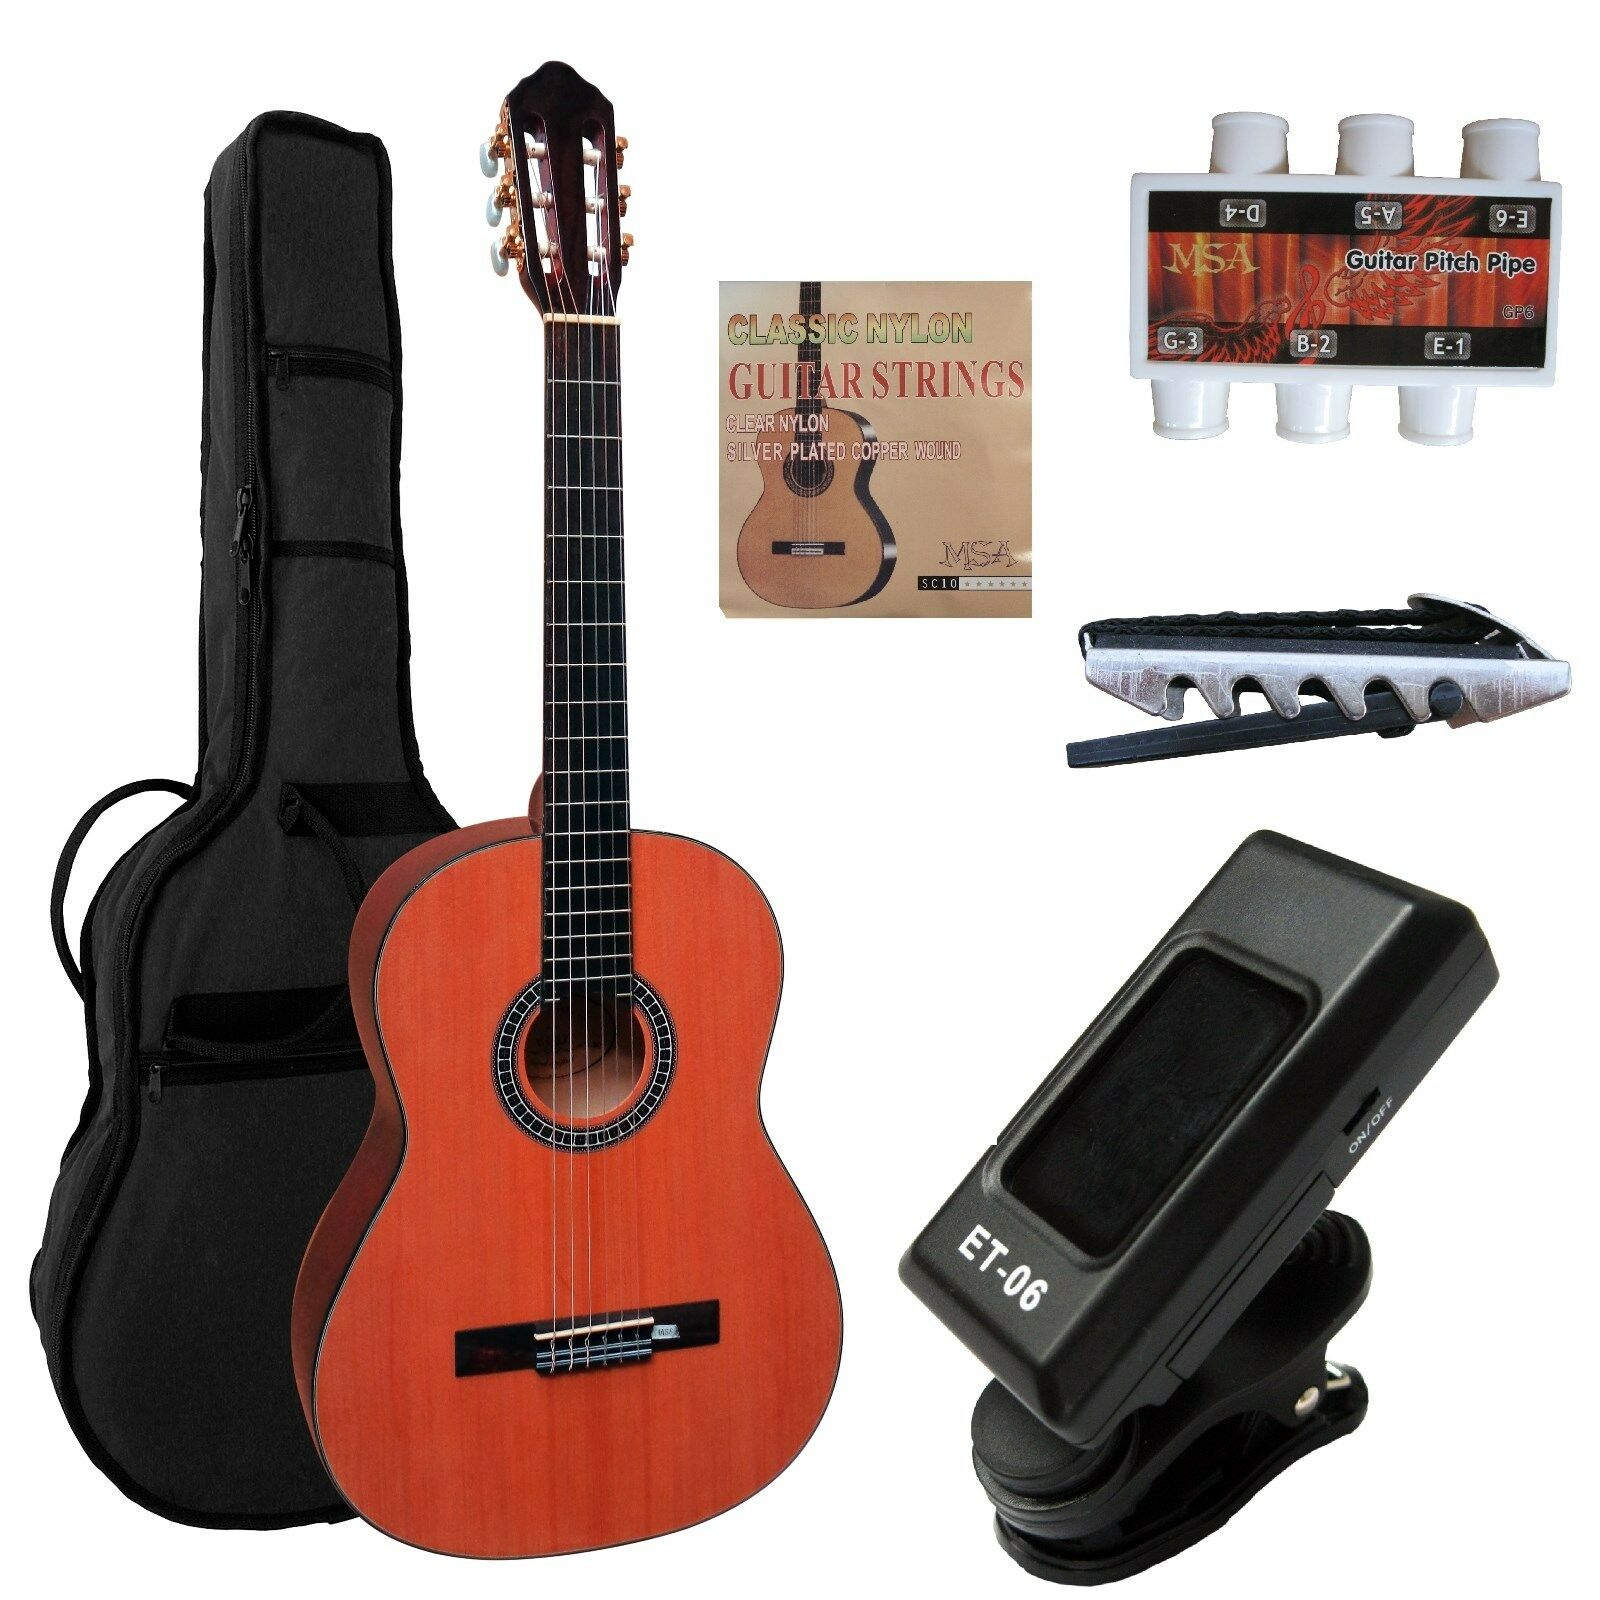 Konzertgitarre, Classic 4 4 Massiv, HG78, Fichte dunkel,Set,Tasche, Zubehör, ET6